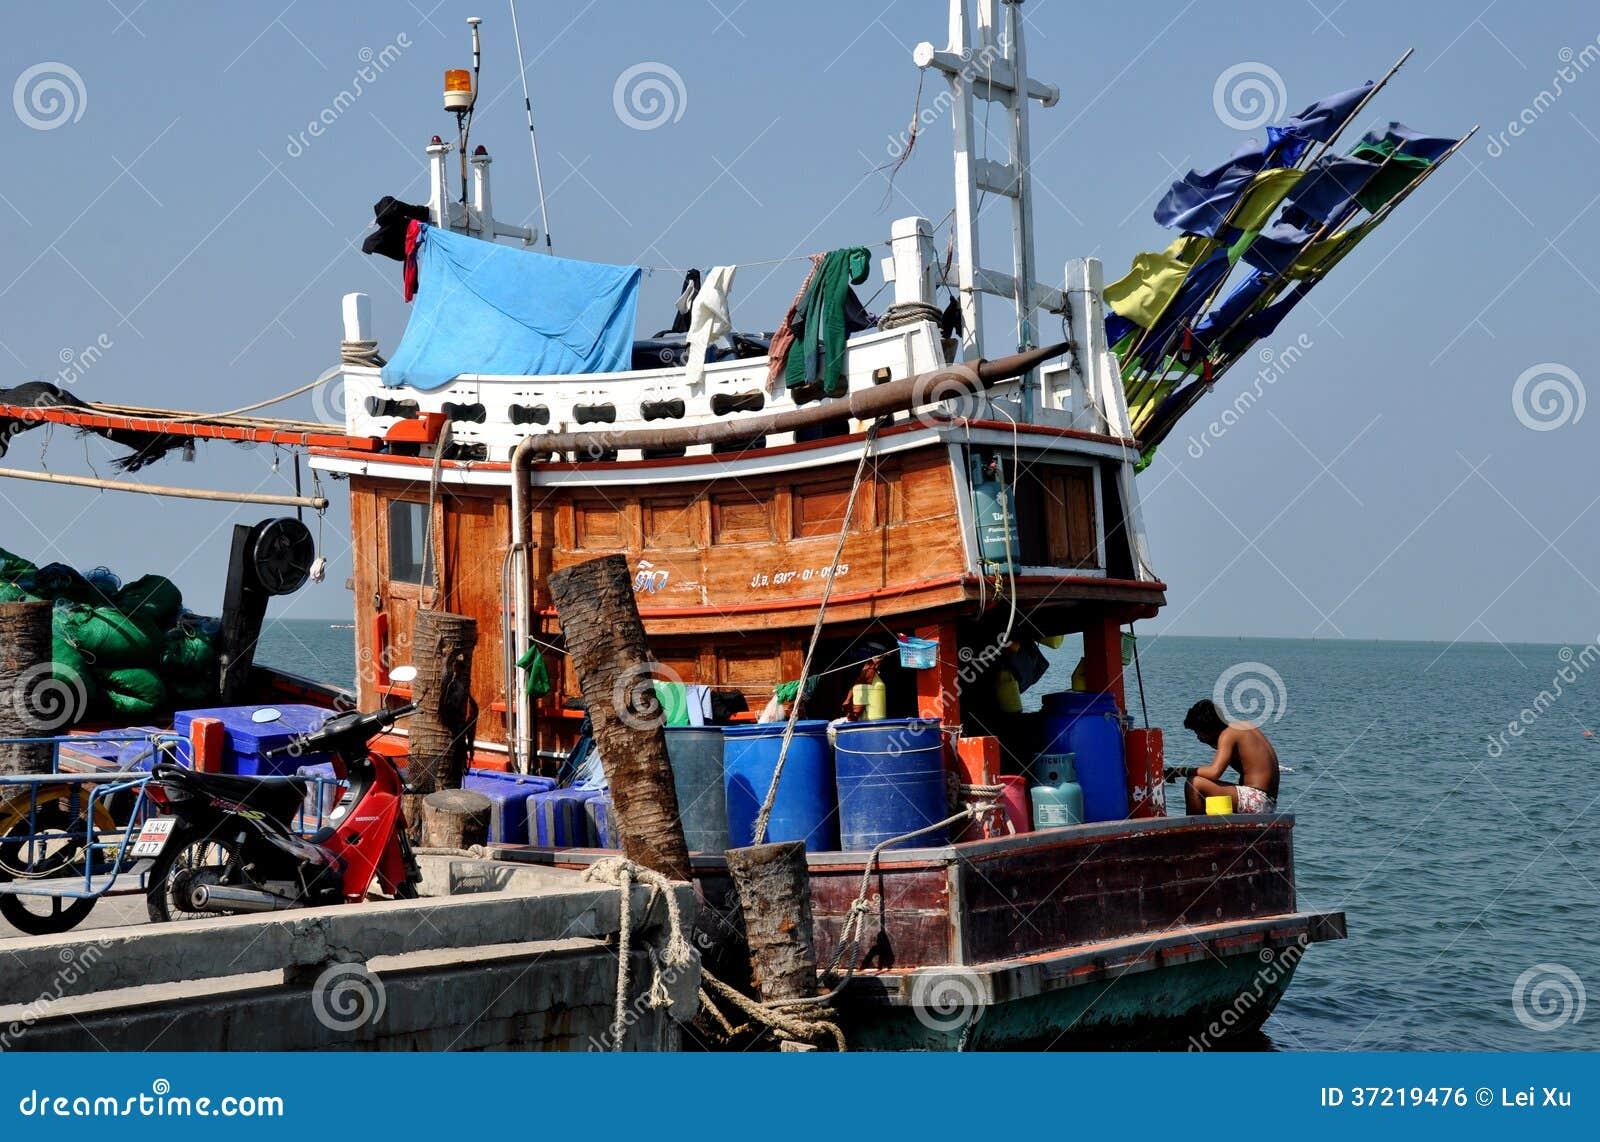 Bang Saen, Thailand: Fishing Boat At Sapan Pla Pier